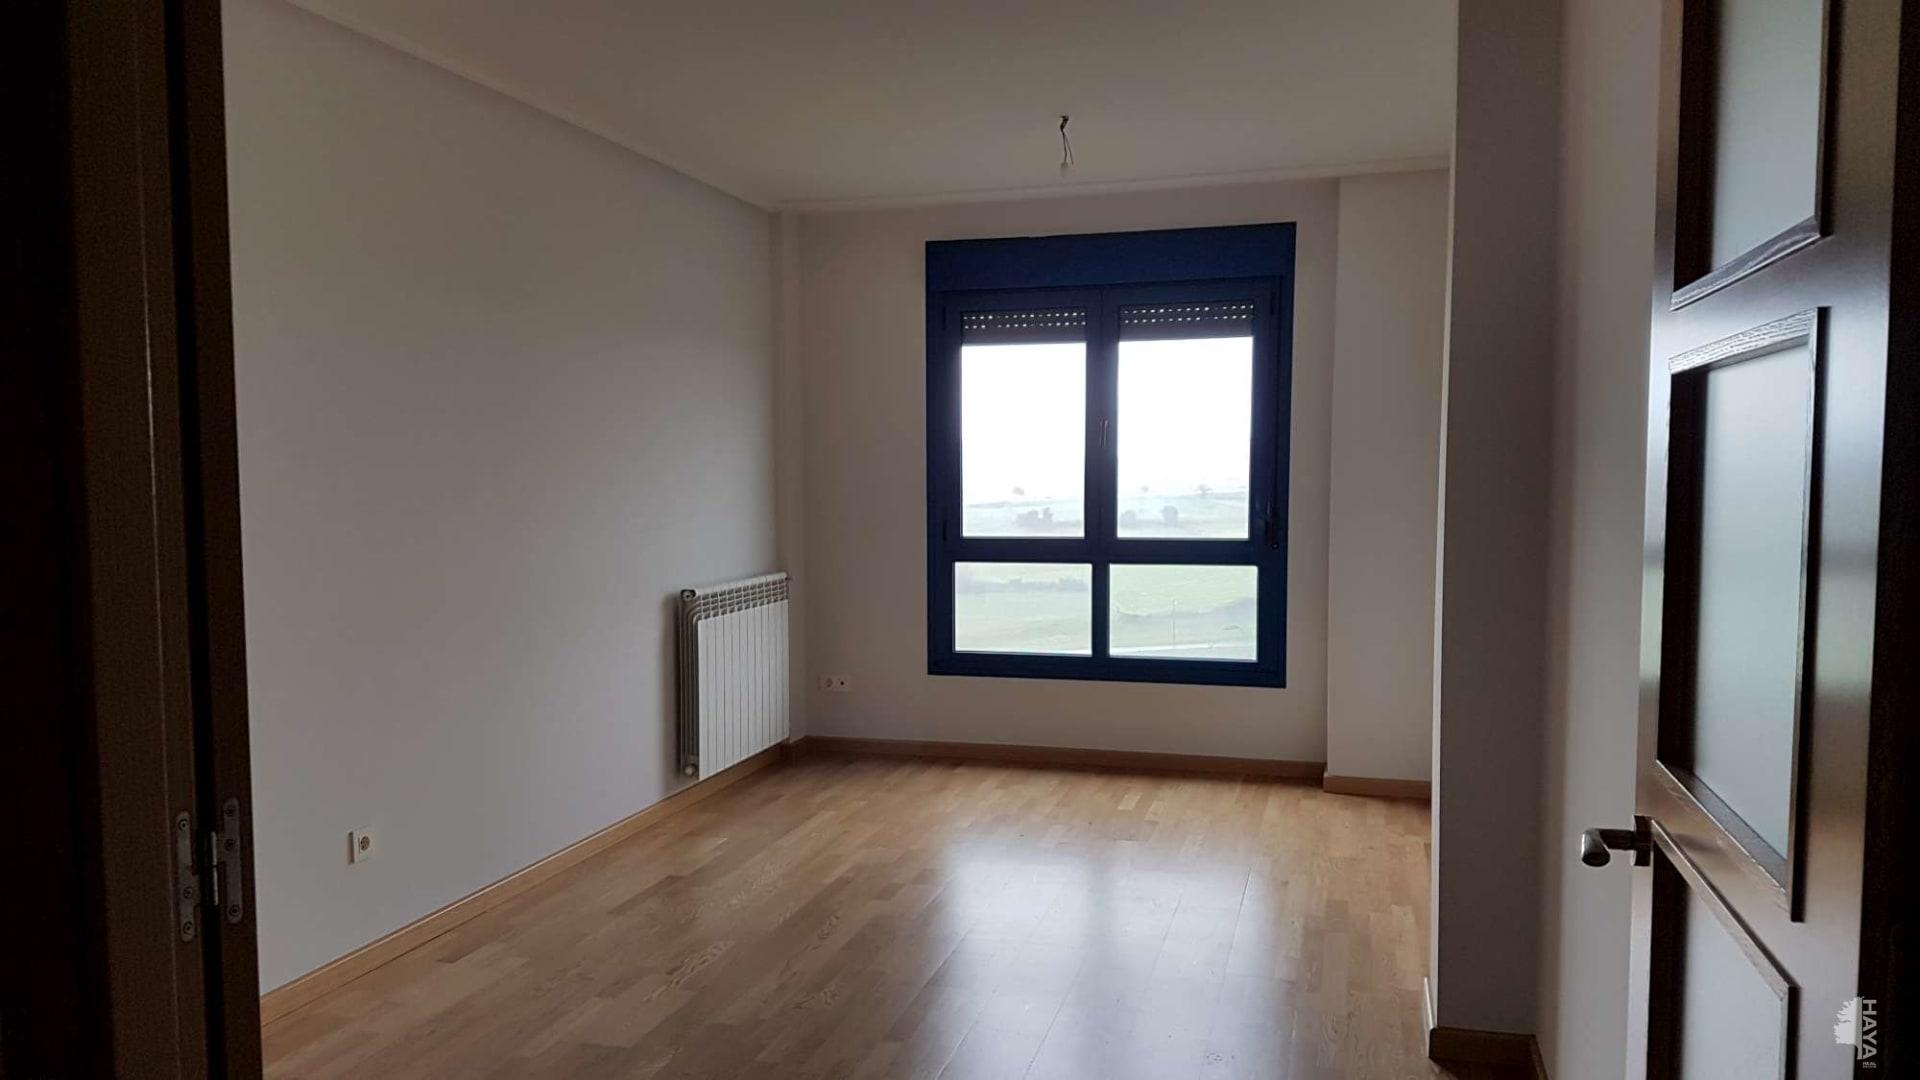 Piso en venta en Favila, Corvera de Asturias, Asturias, Pasaje del Manzano, 122.000 €, 3 habitaciones, 1 baño, 94 m2